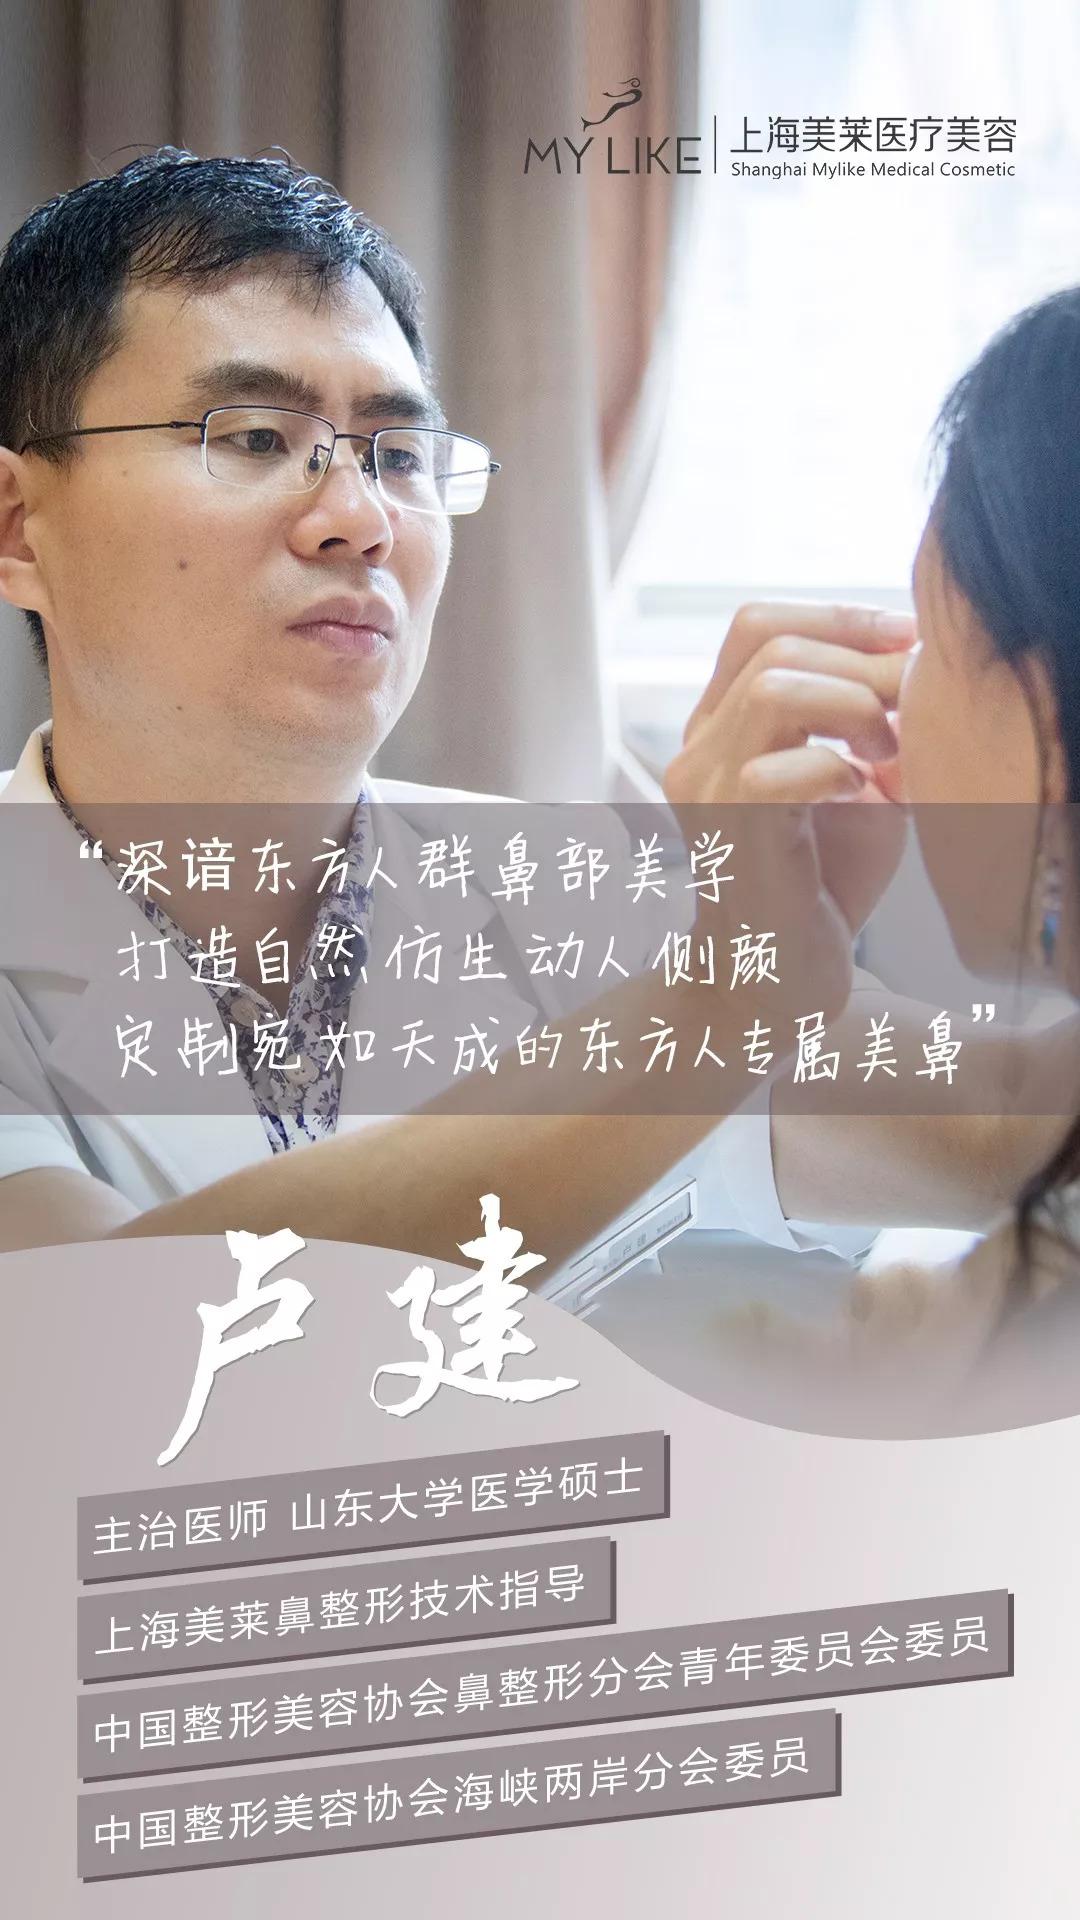 上海美莱肋软骨隆鼻|专人定制,缔造经典美鼻!